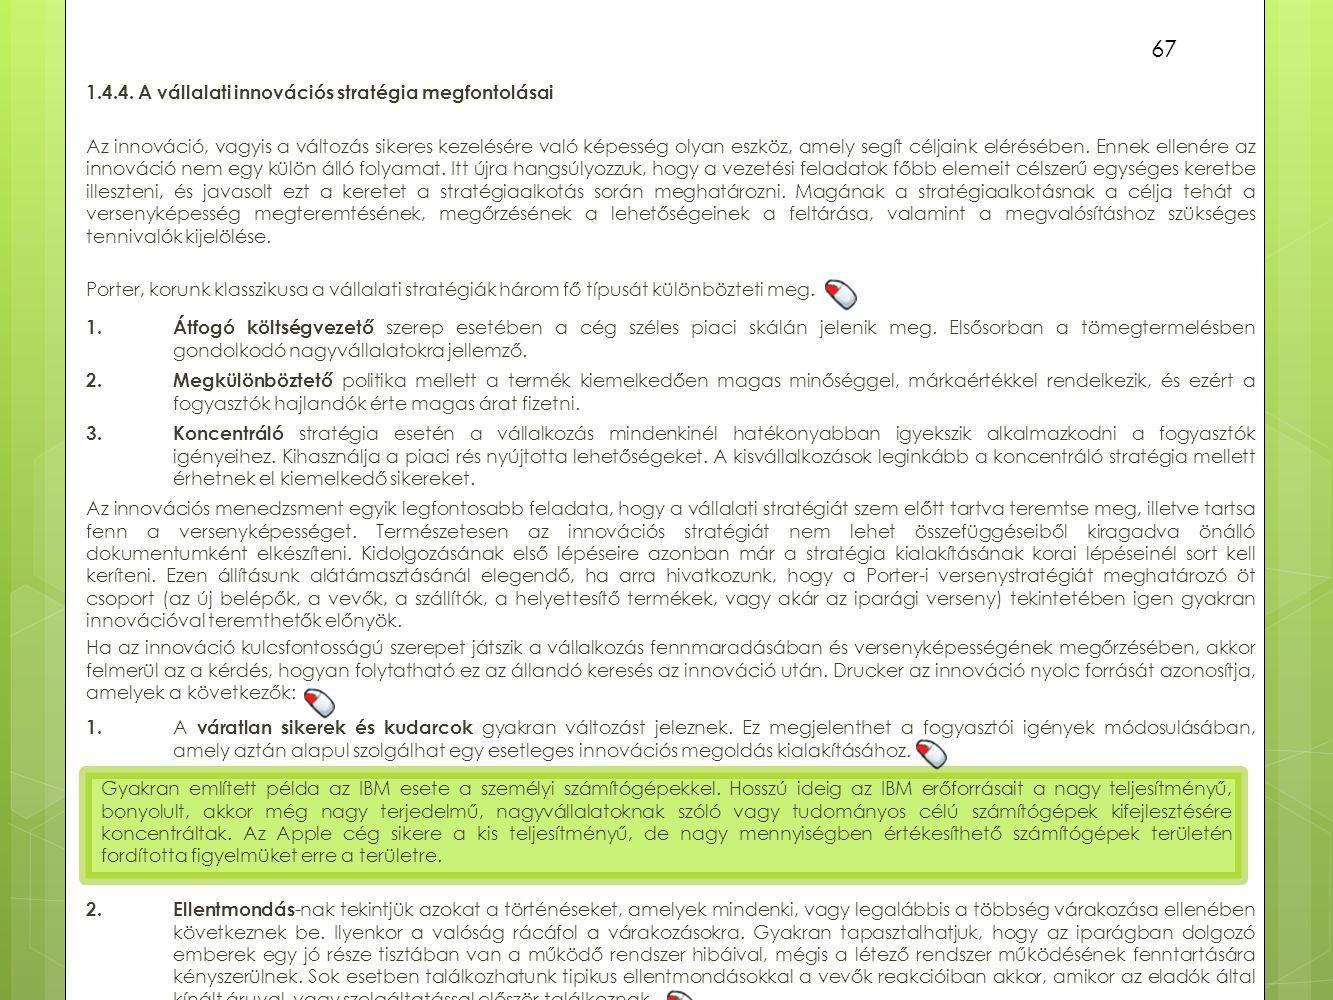 1.4.4. A vállalati innovációs stratégia megfontolásai